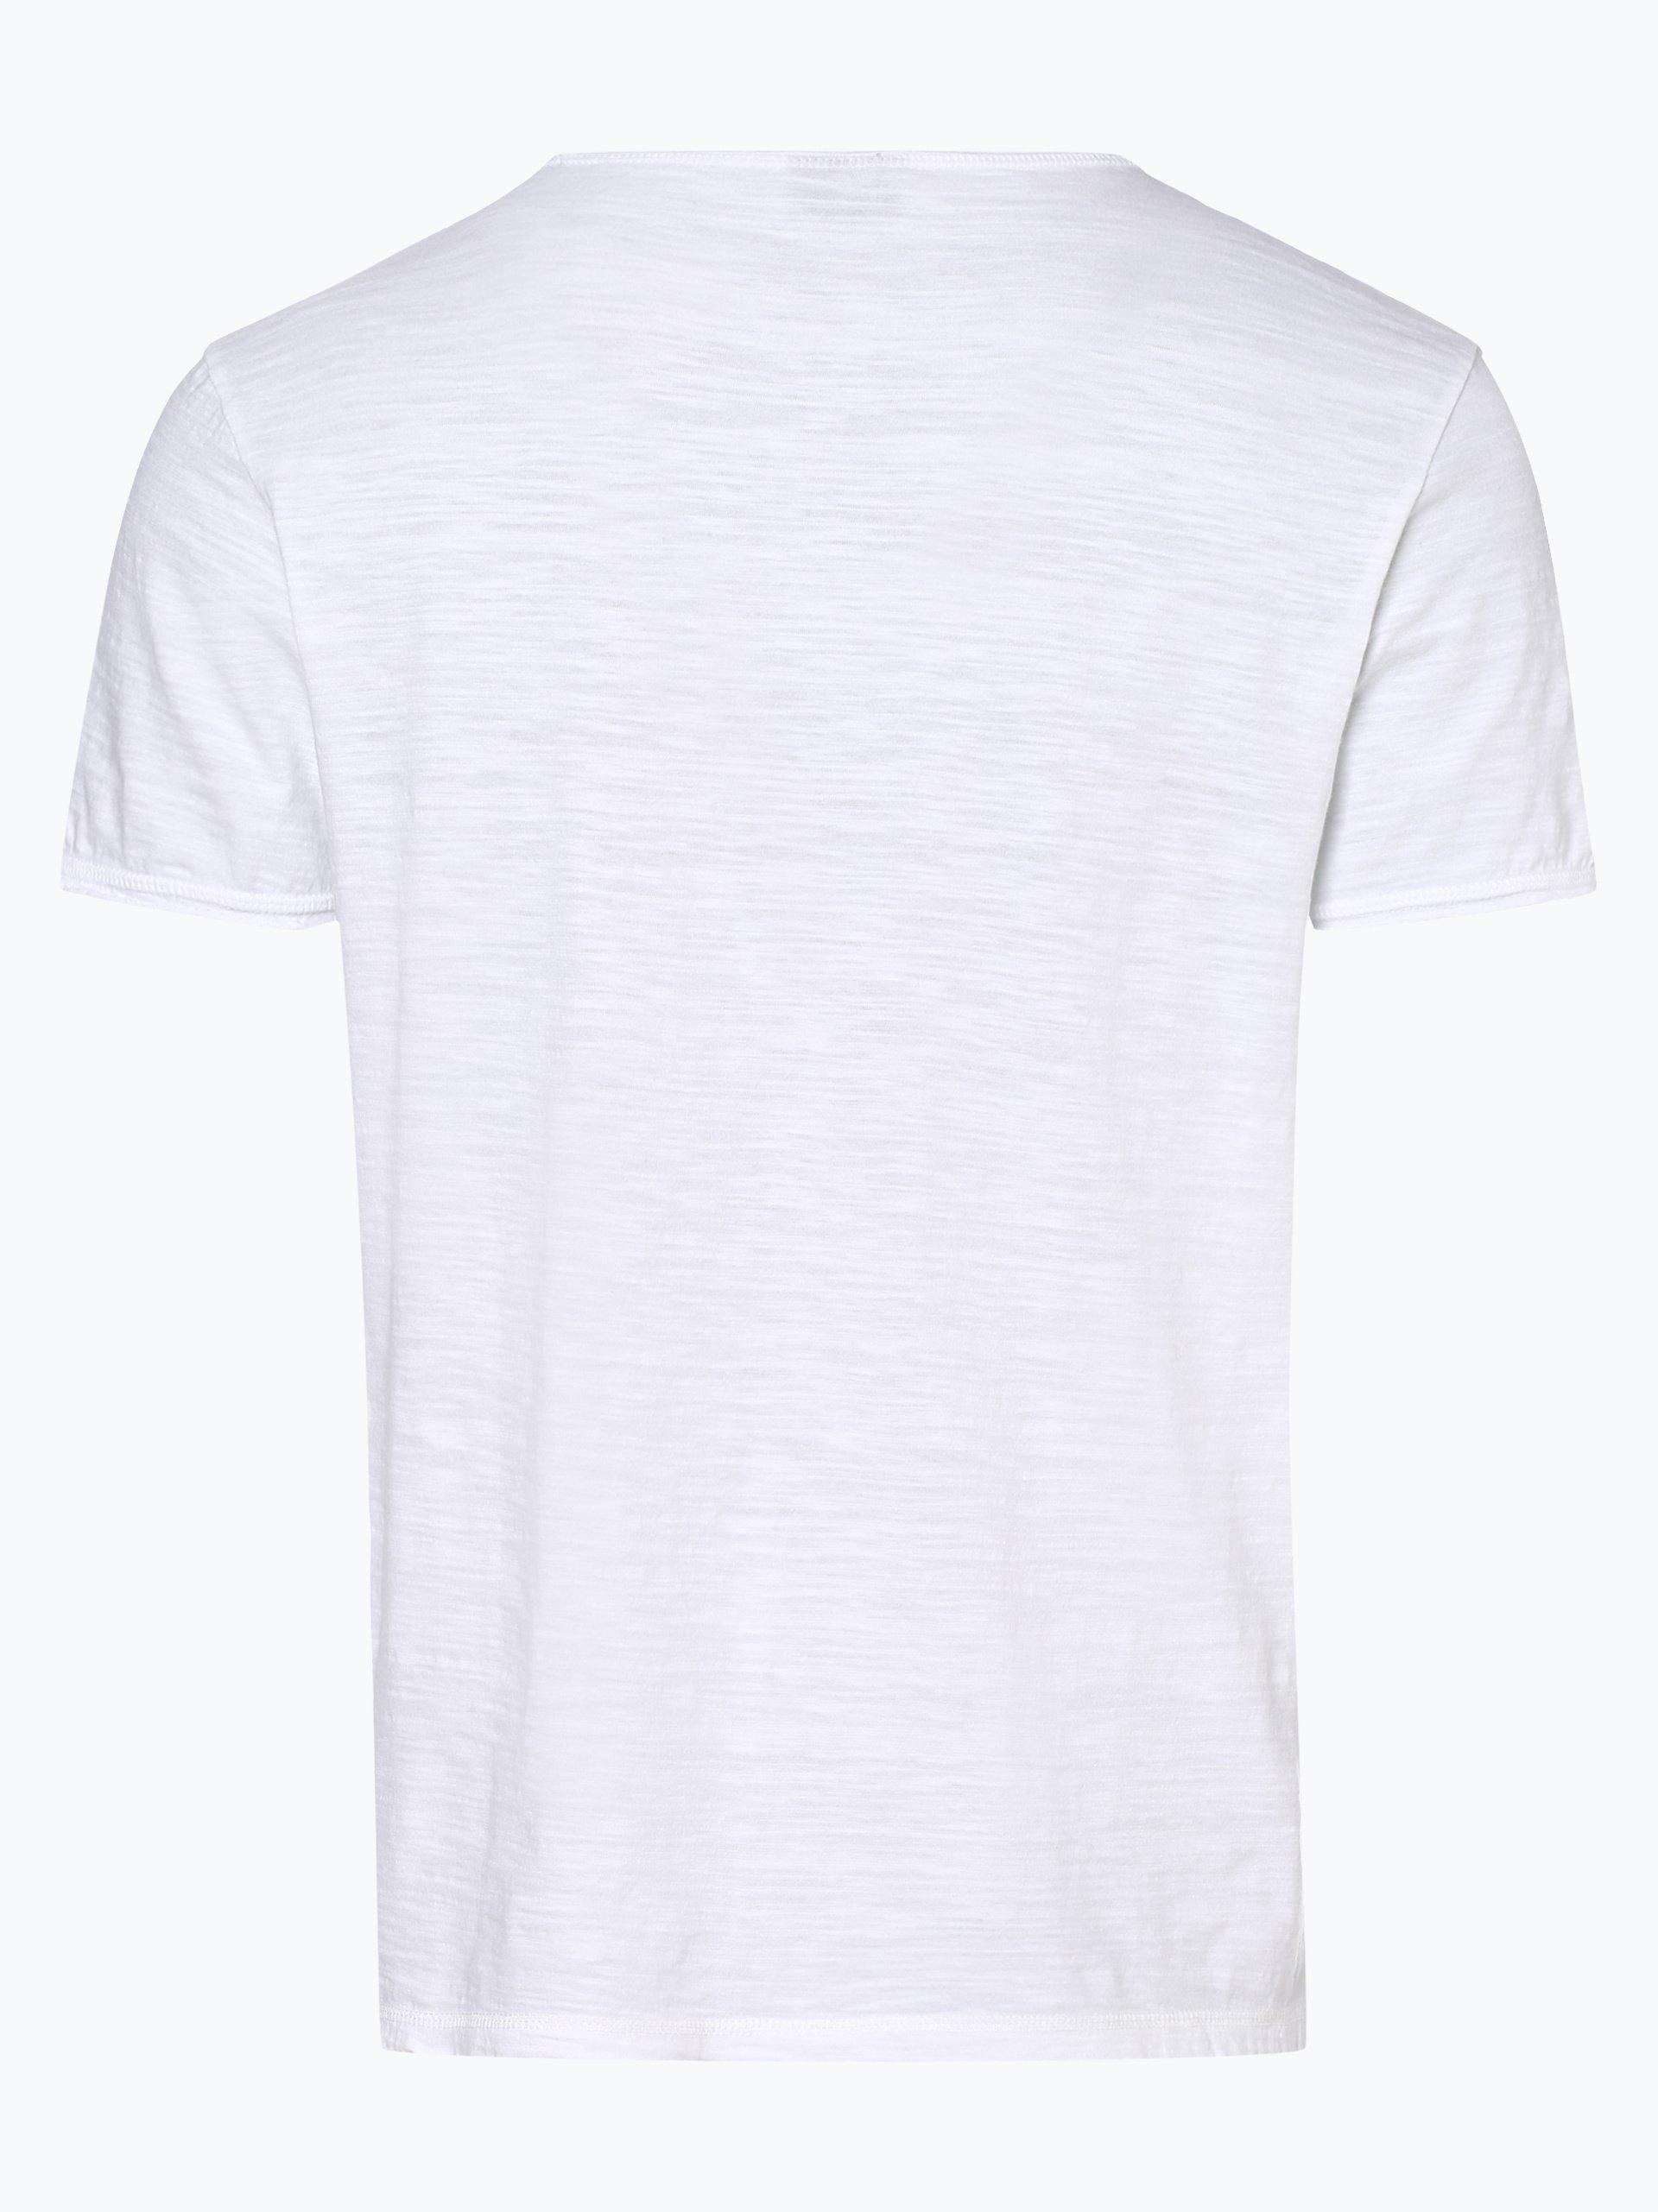 Joop Herren T-Shirt - Arthur